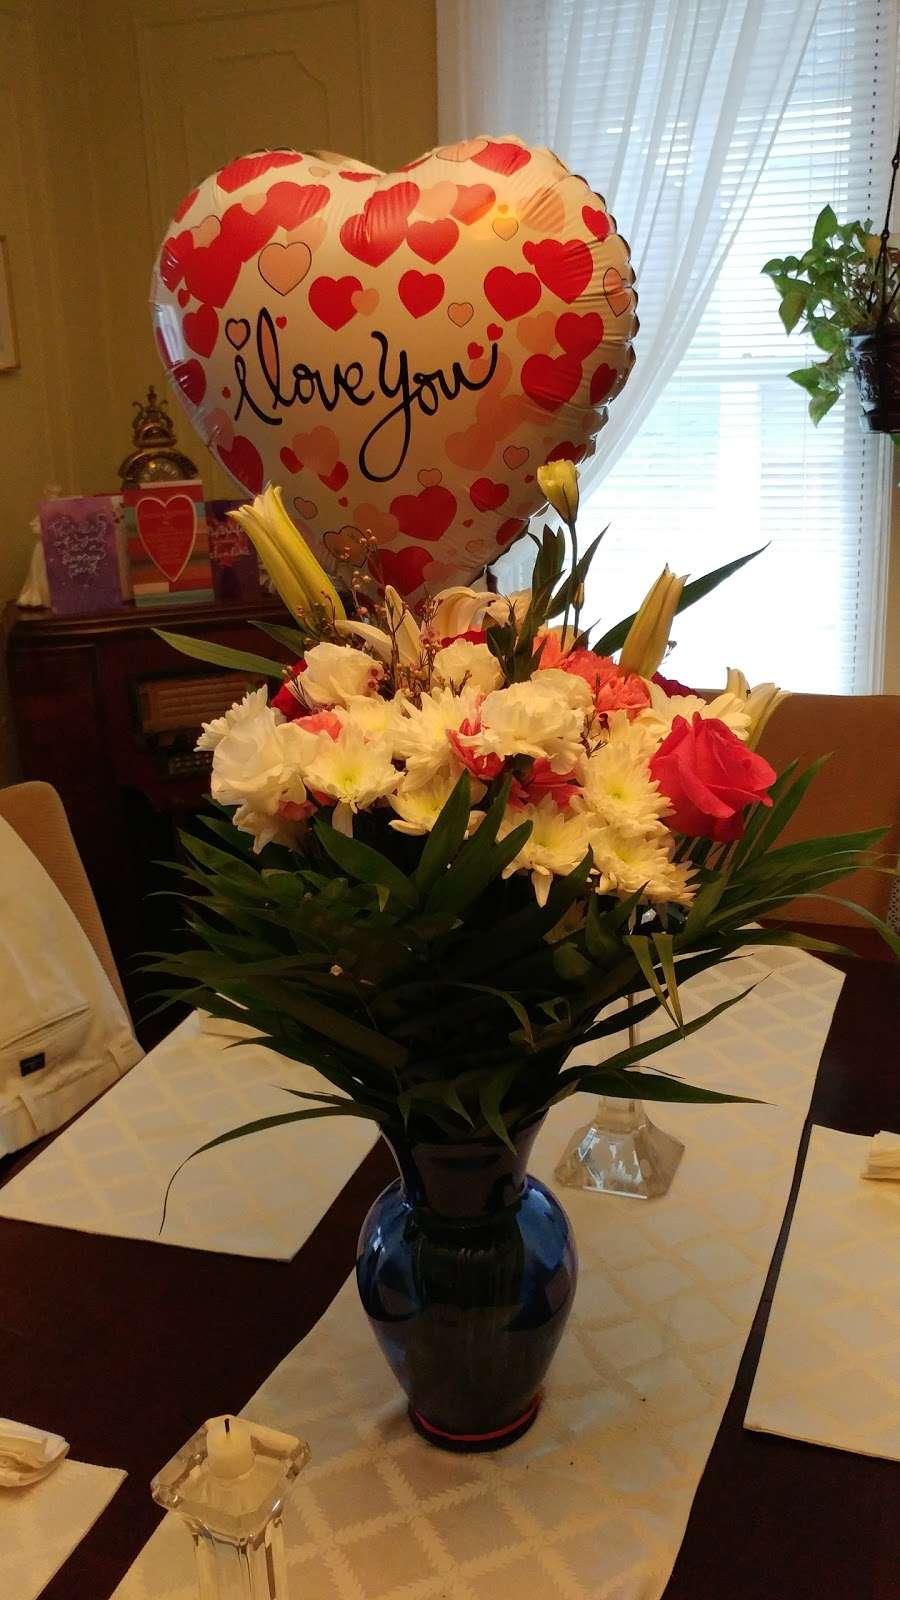 Jerome Florist & Gifts - florist    Photo 5 of 10   Address: 3724 E Tremont Ave, Bronx, NY 10465, USA   Phone: (718) 931-9440